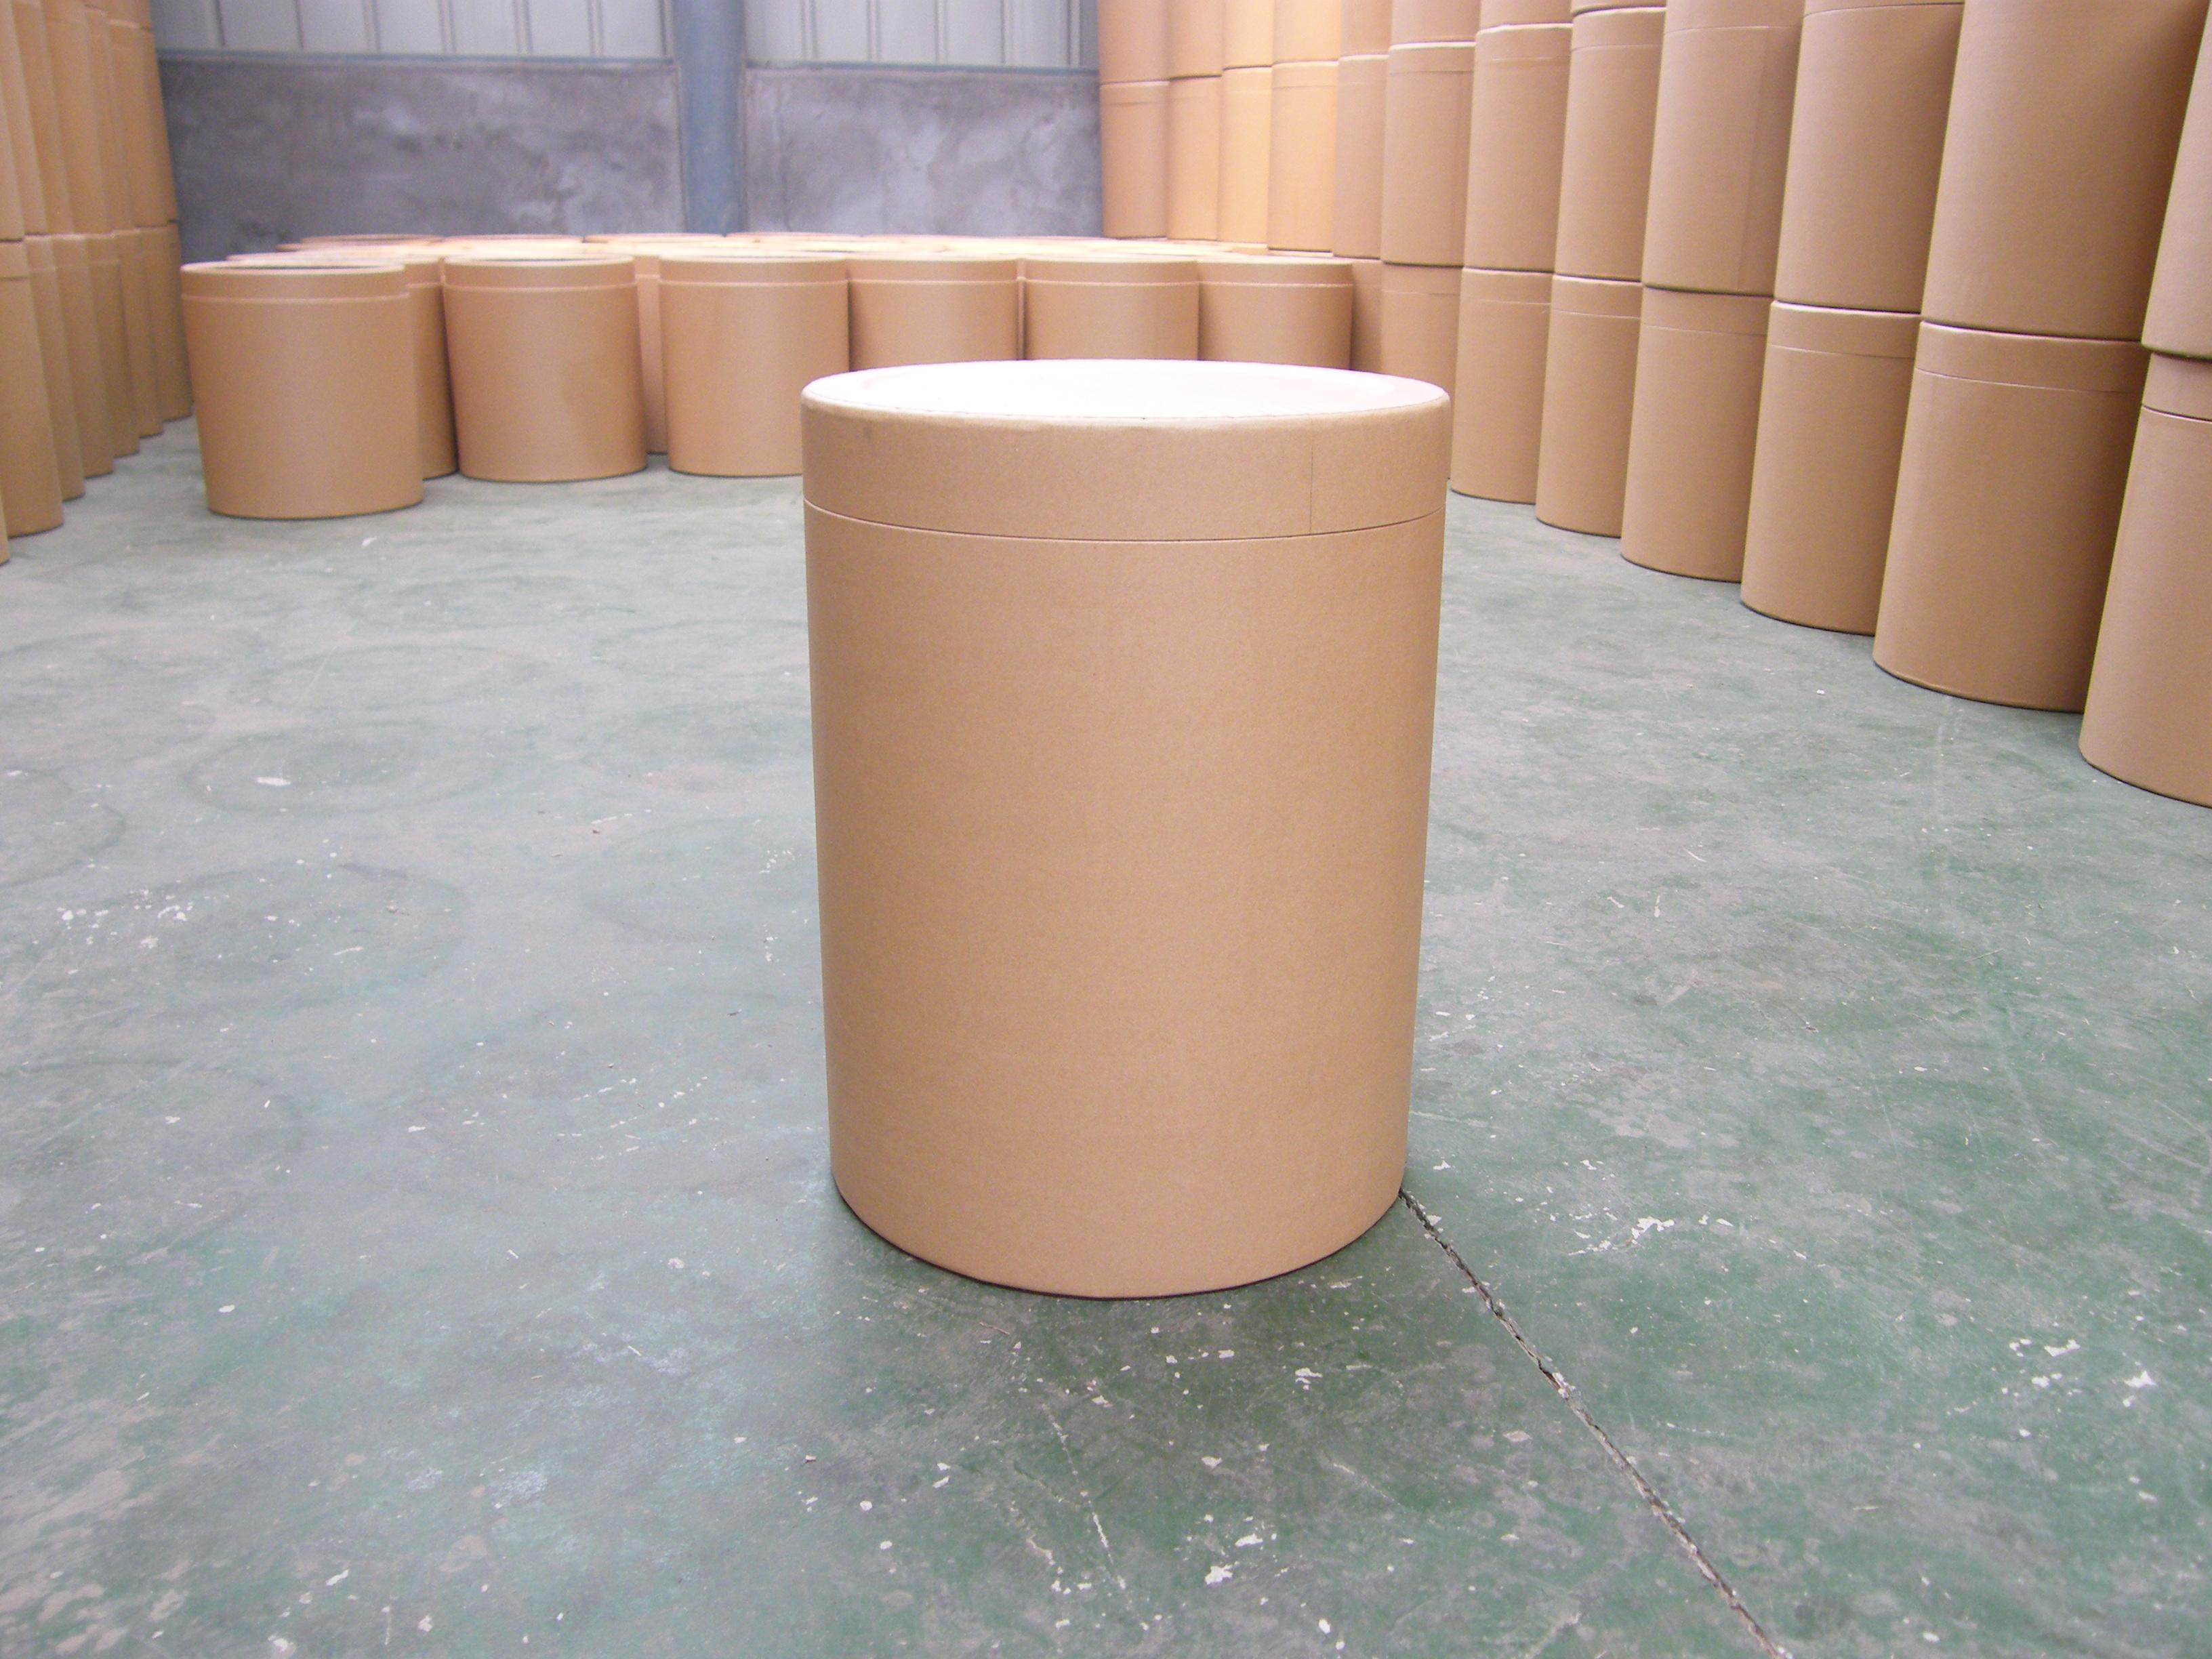 25kg纸板桶尺寸是多少